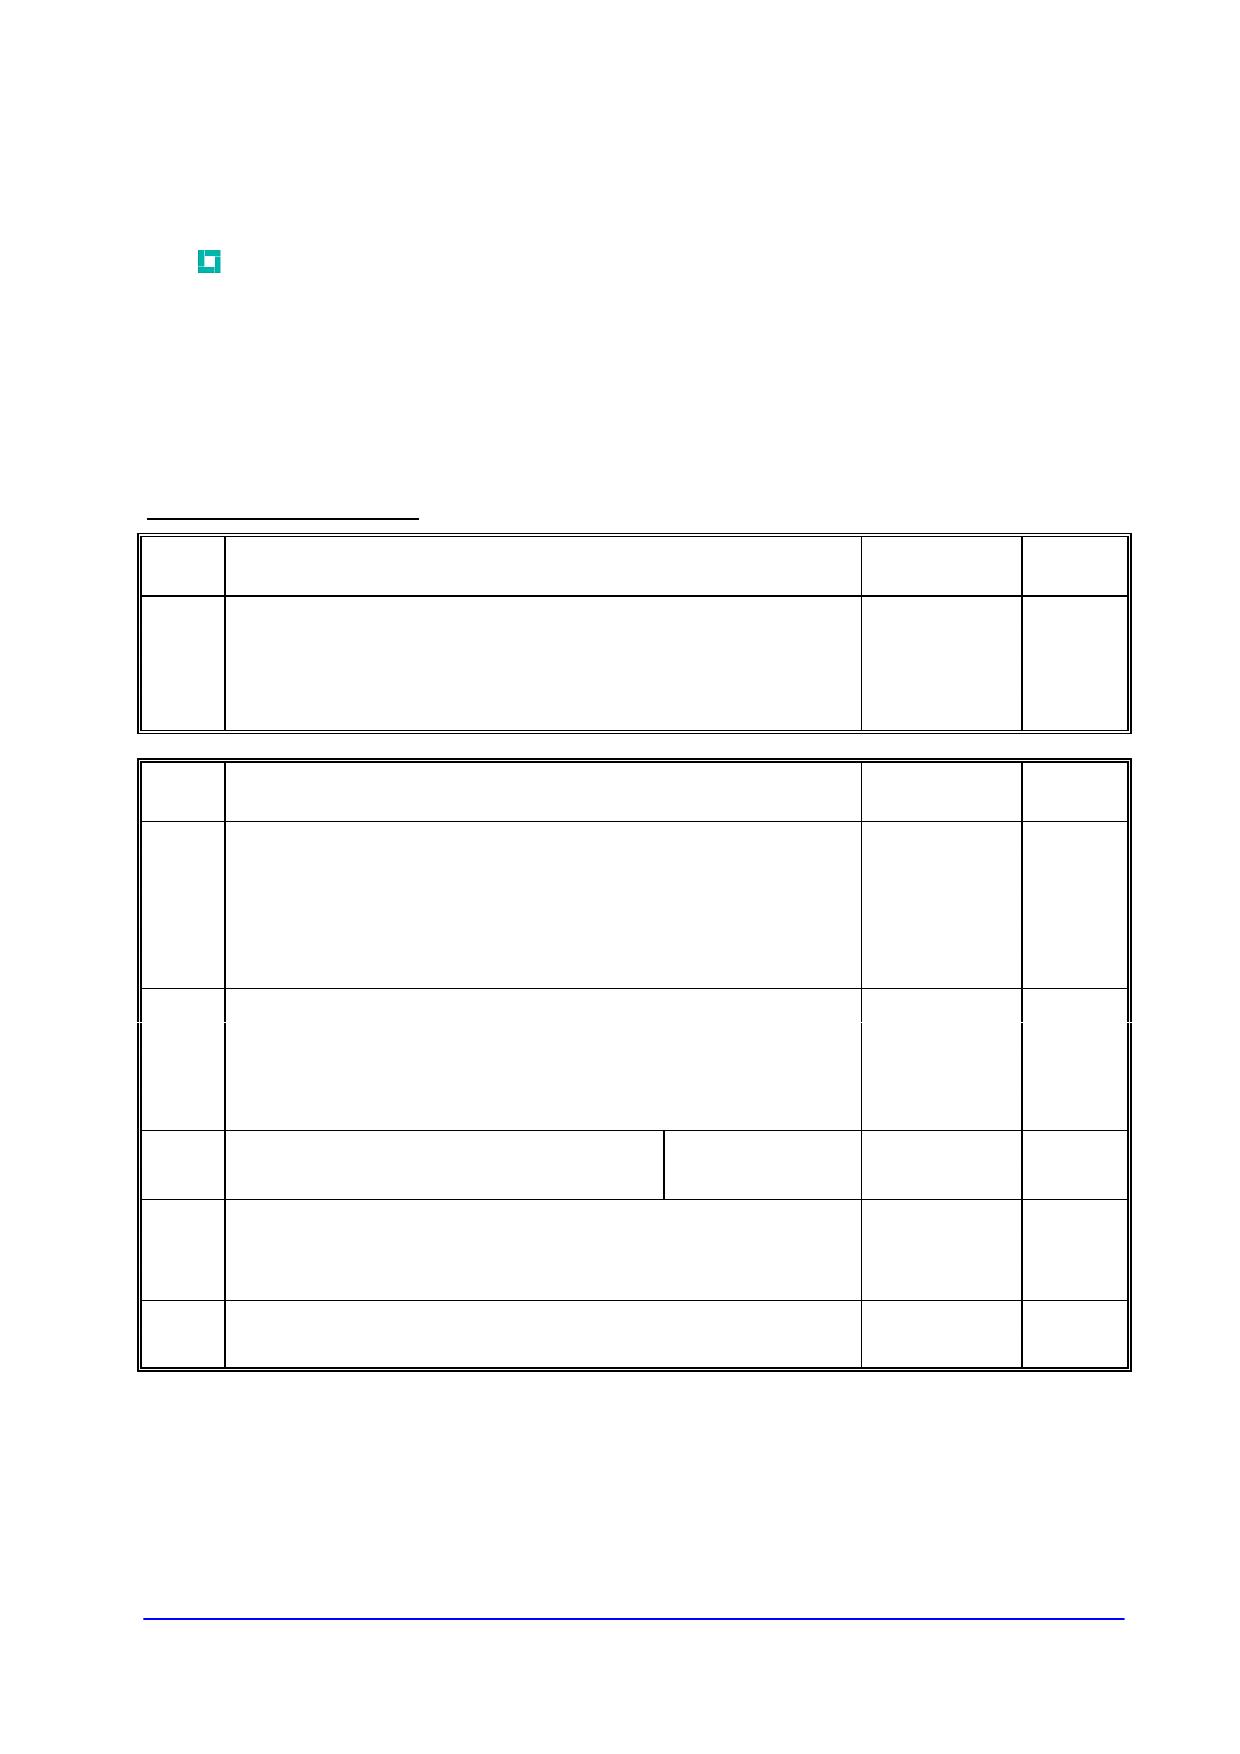 K0443LC650 datasheet